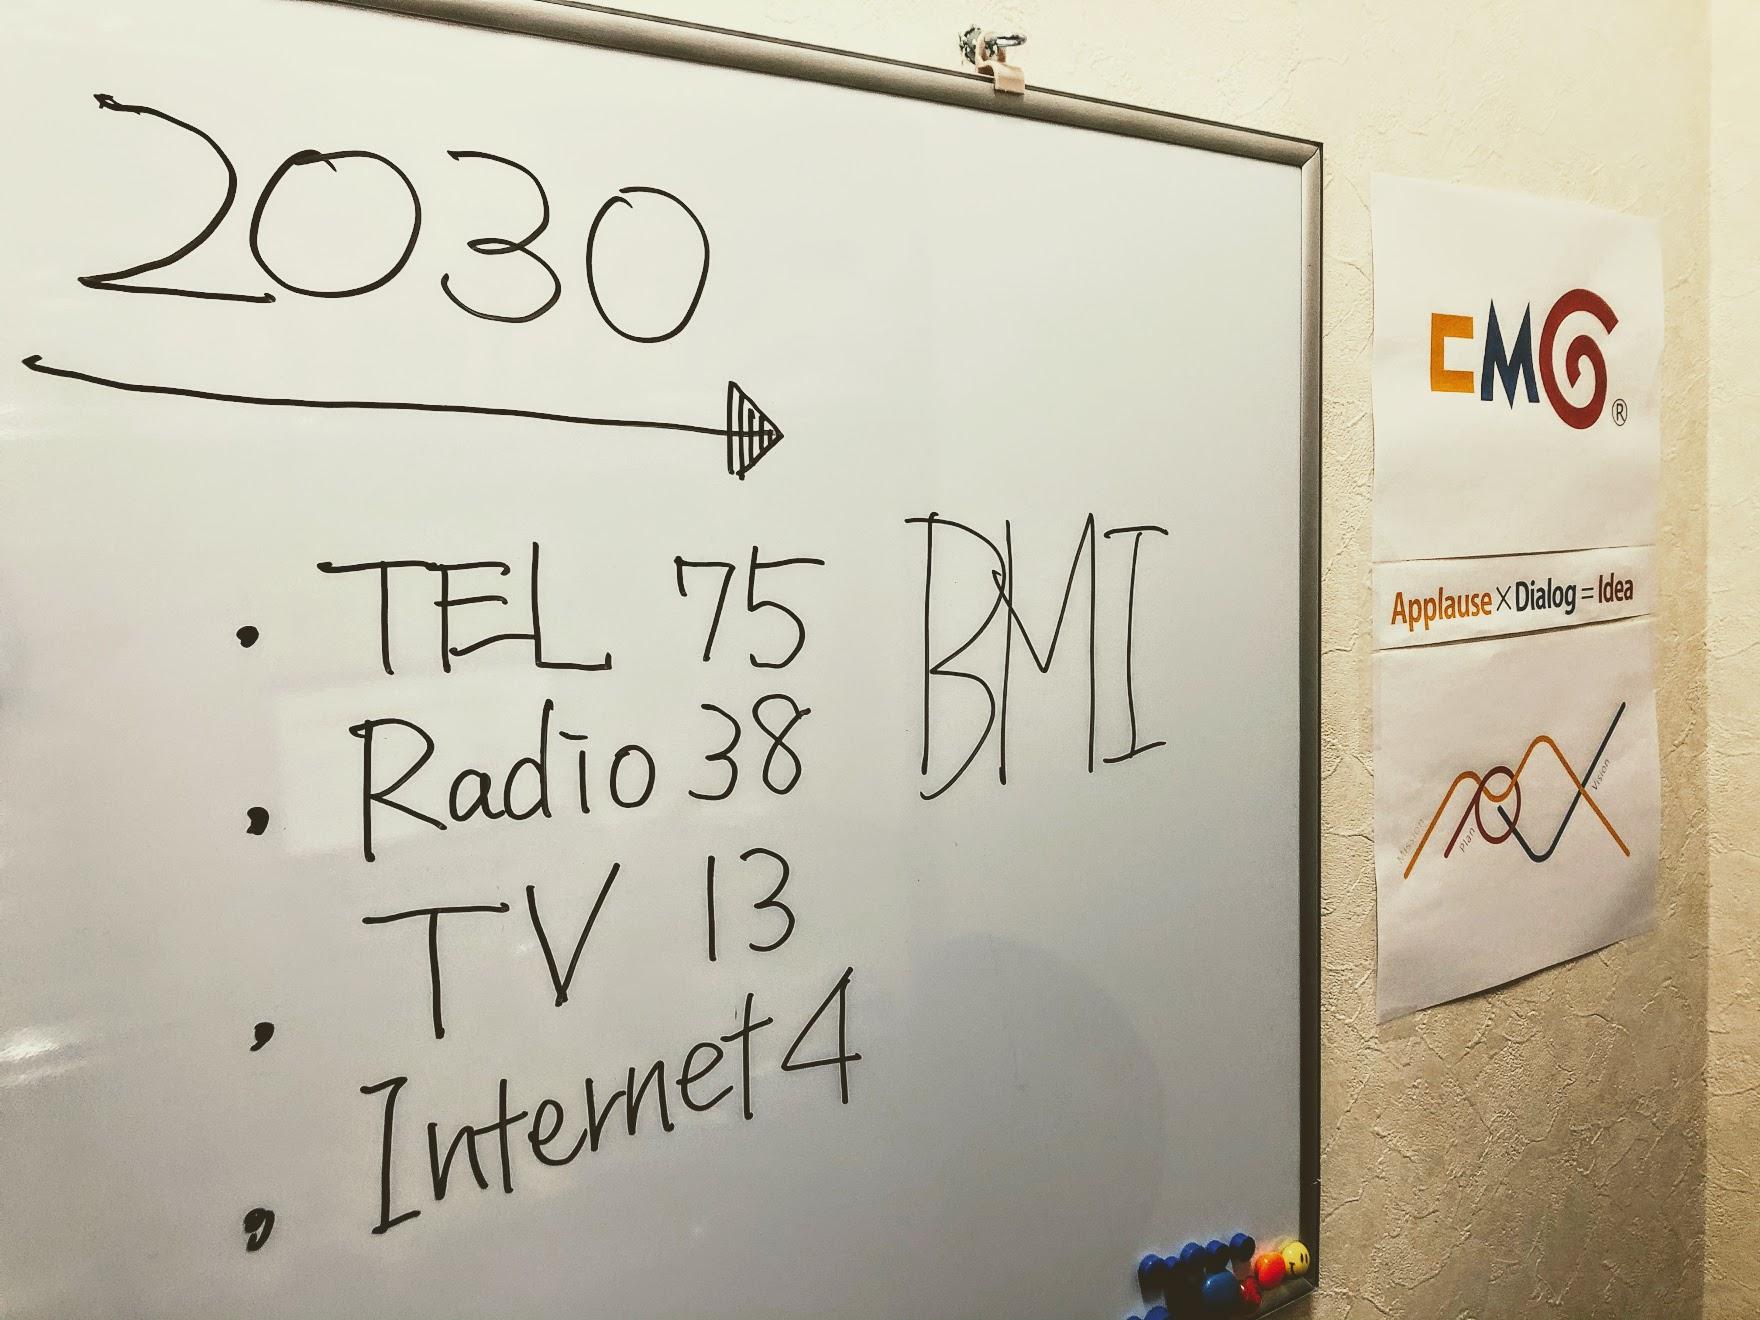 CMG『2030|新技術』zoom講座:画像